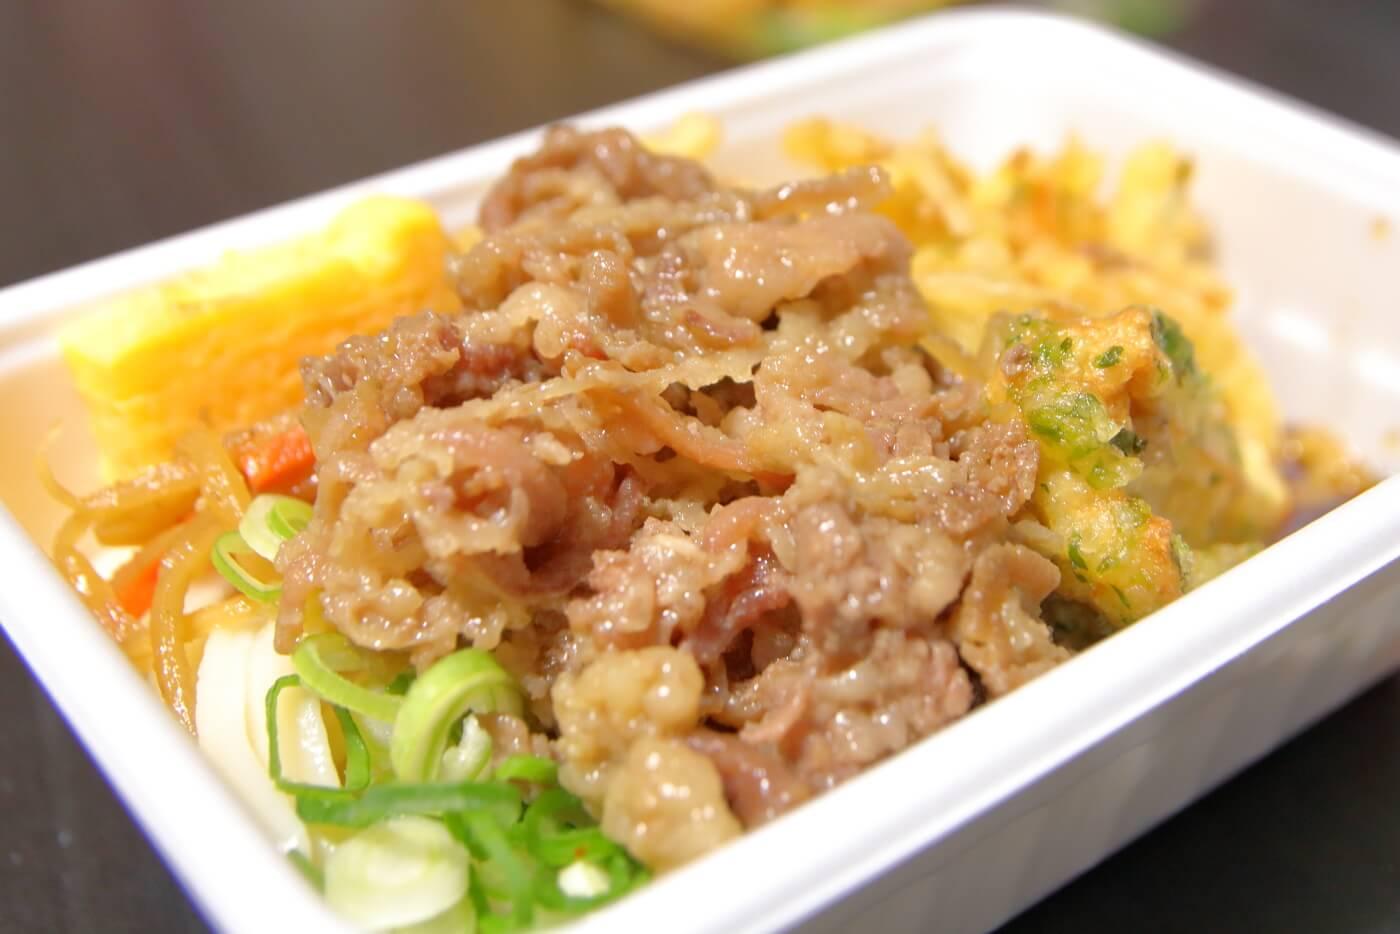 丸亀製麺 うどん弁当 肉